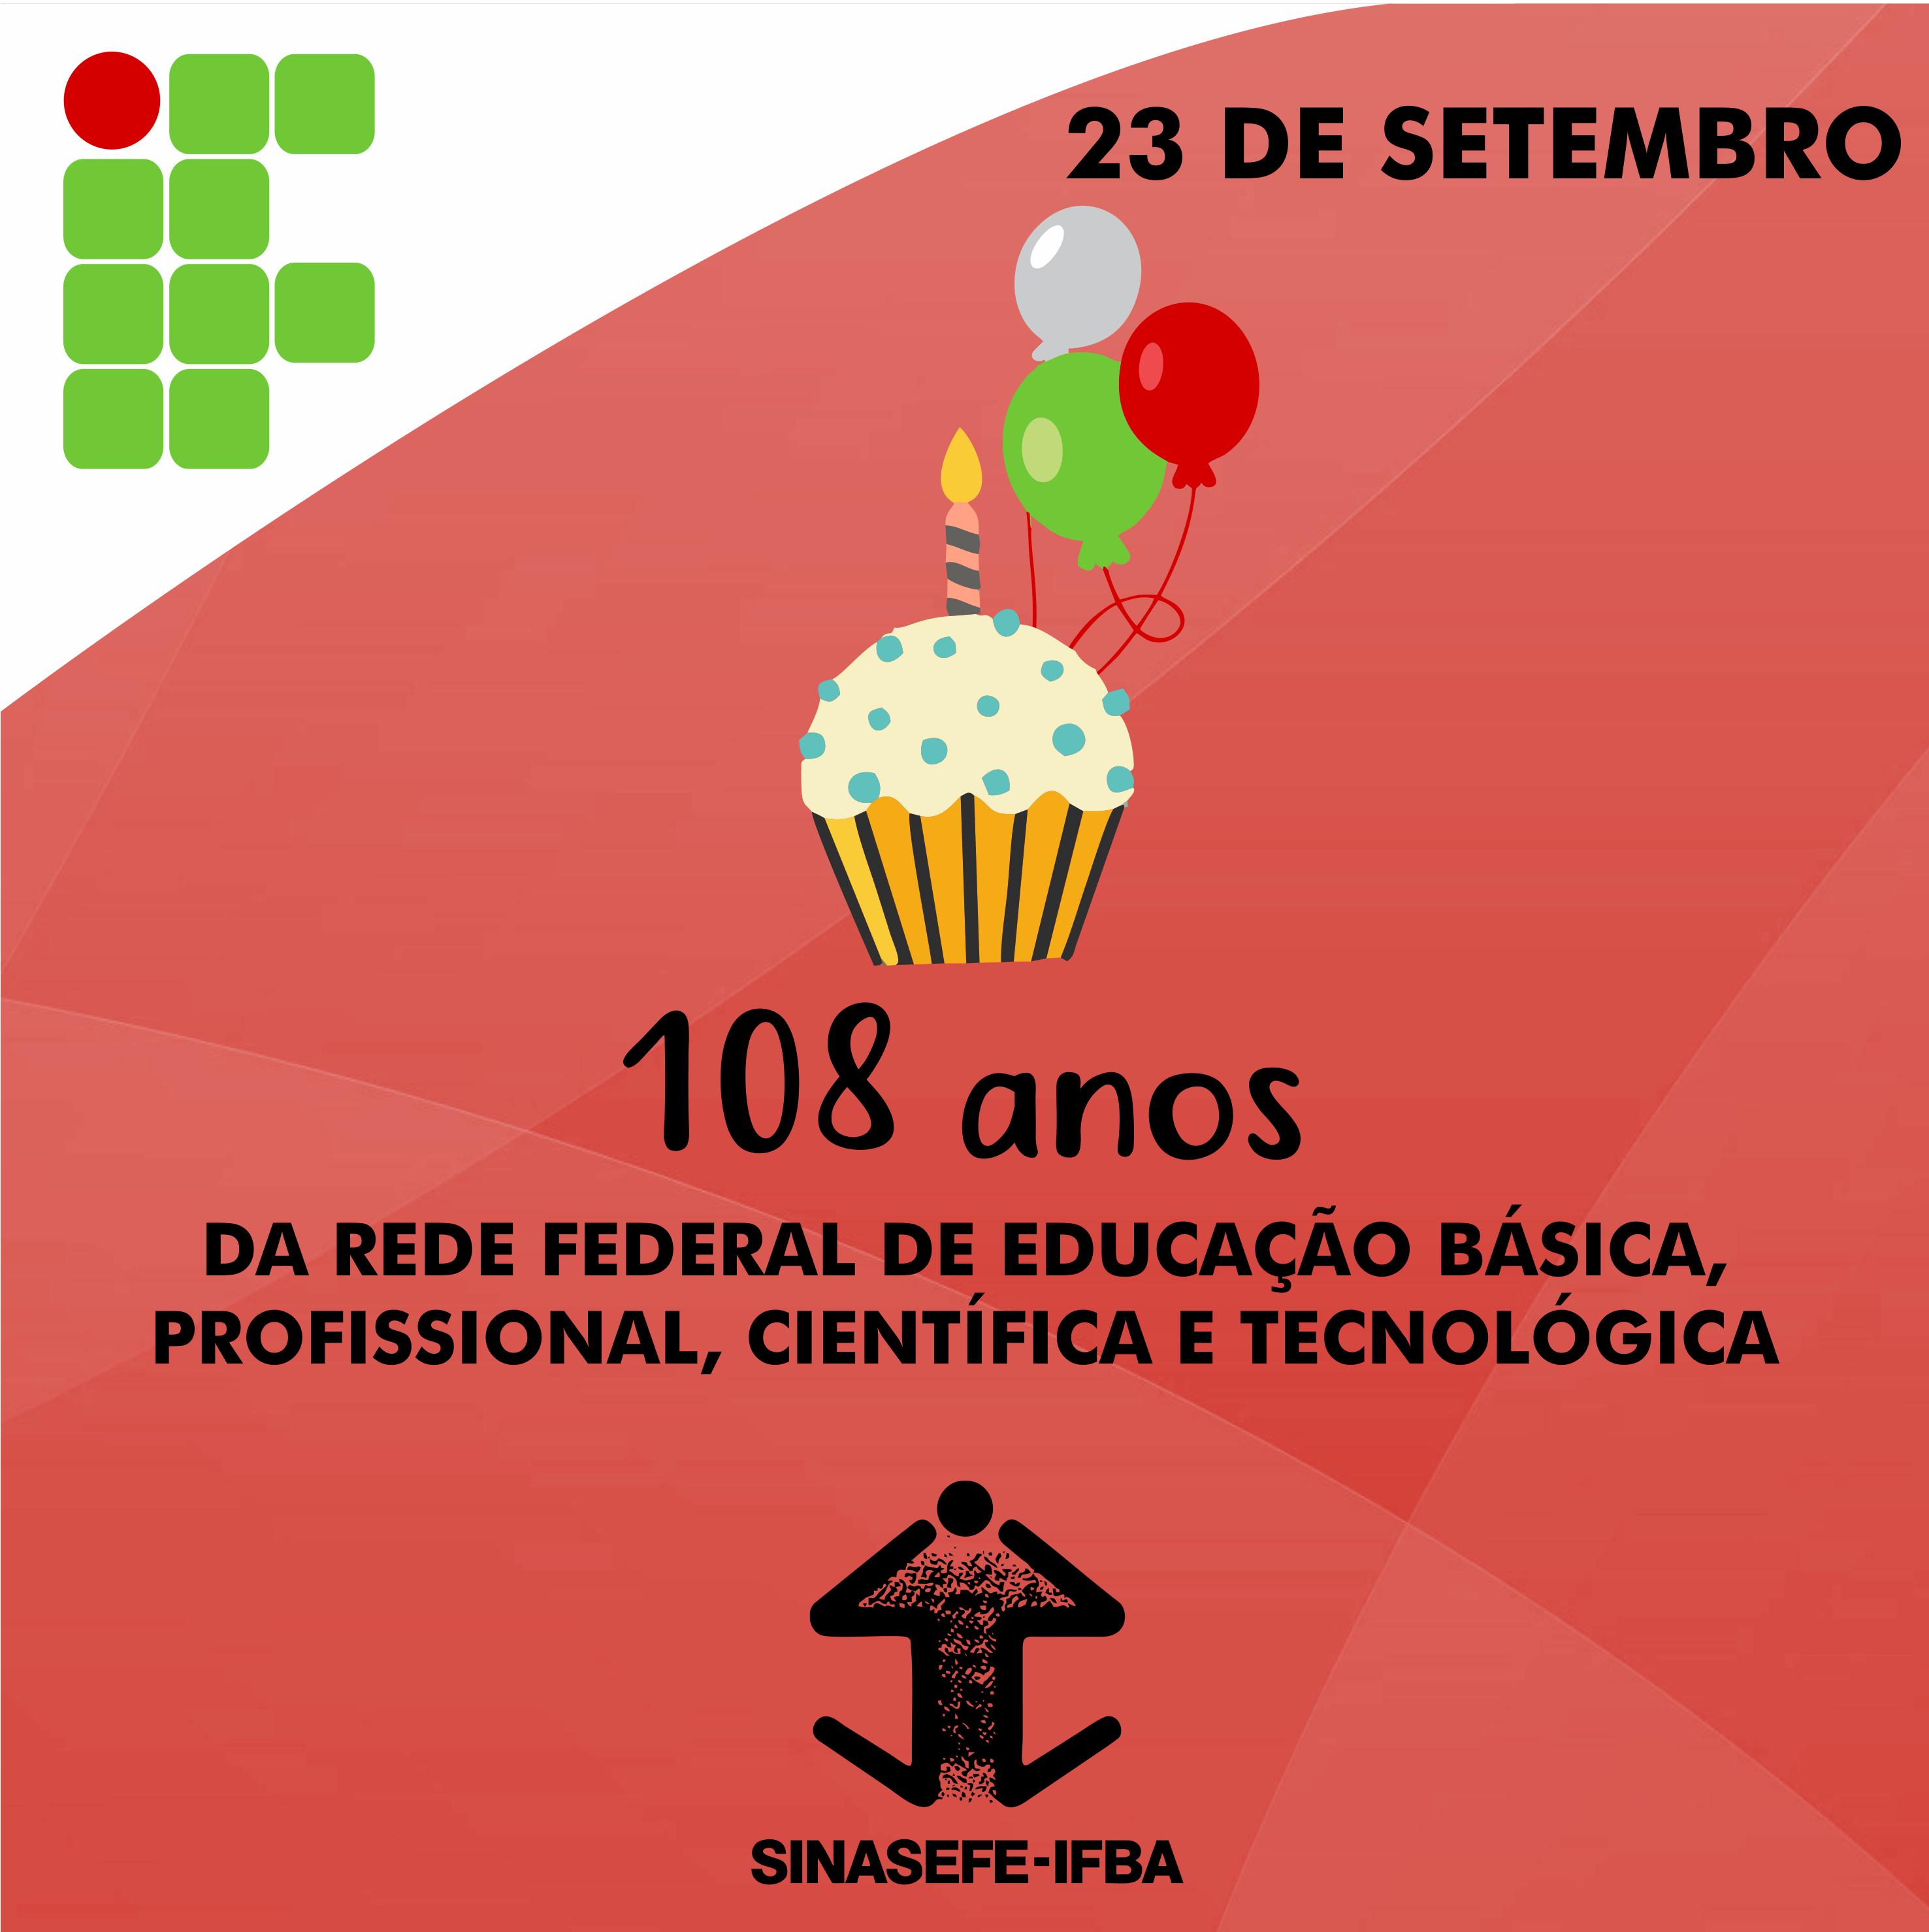 aniversário da rede federal